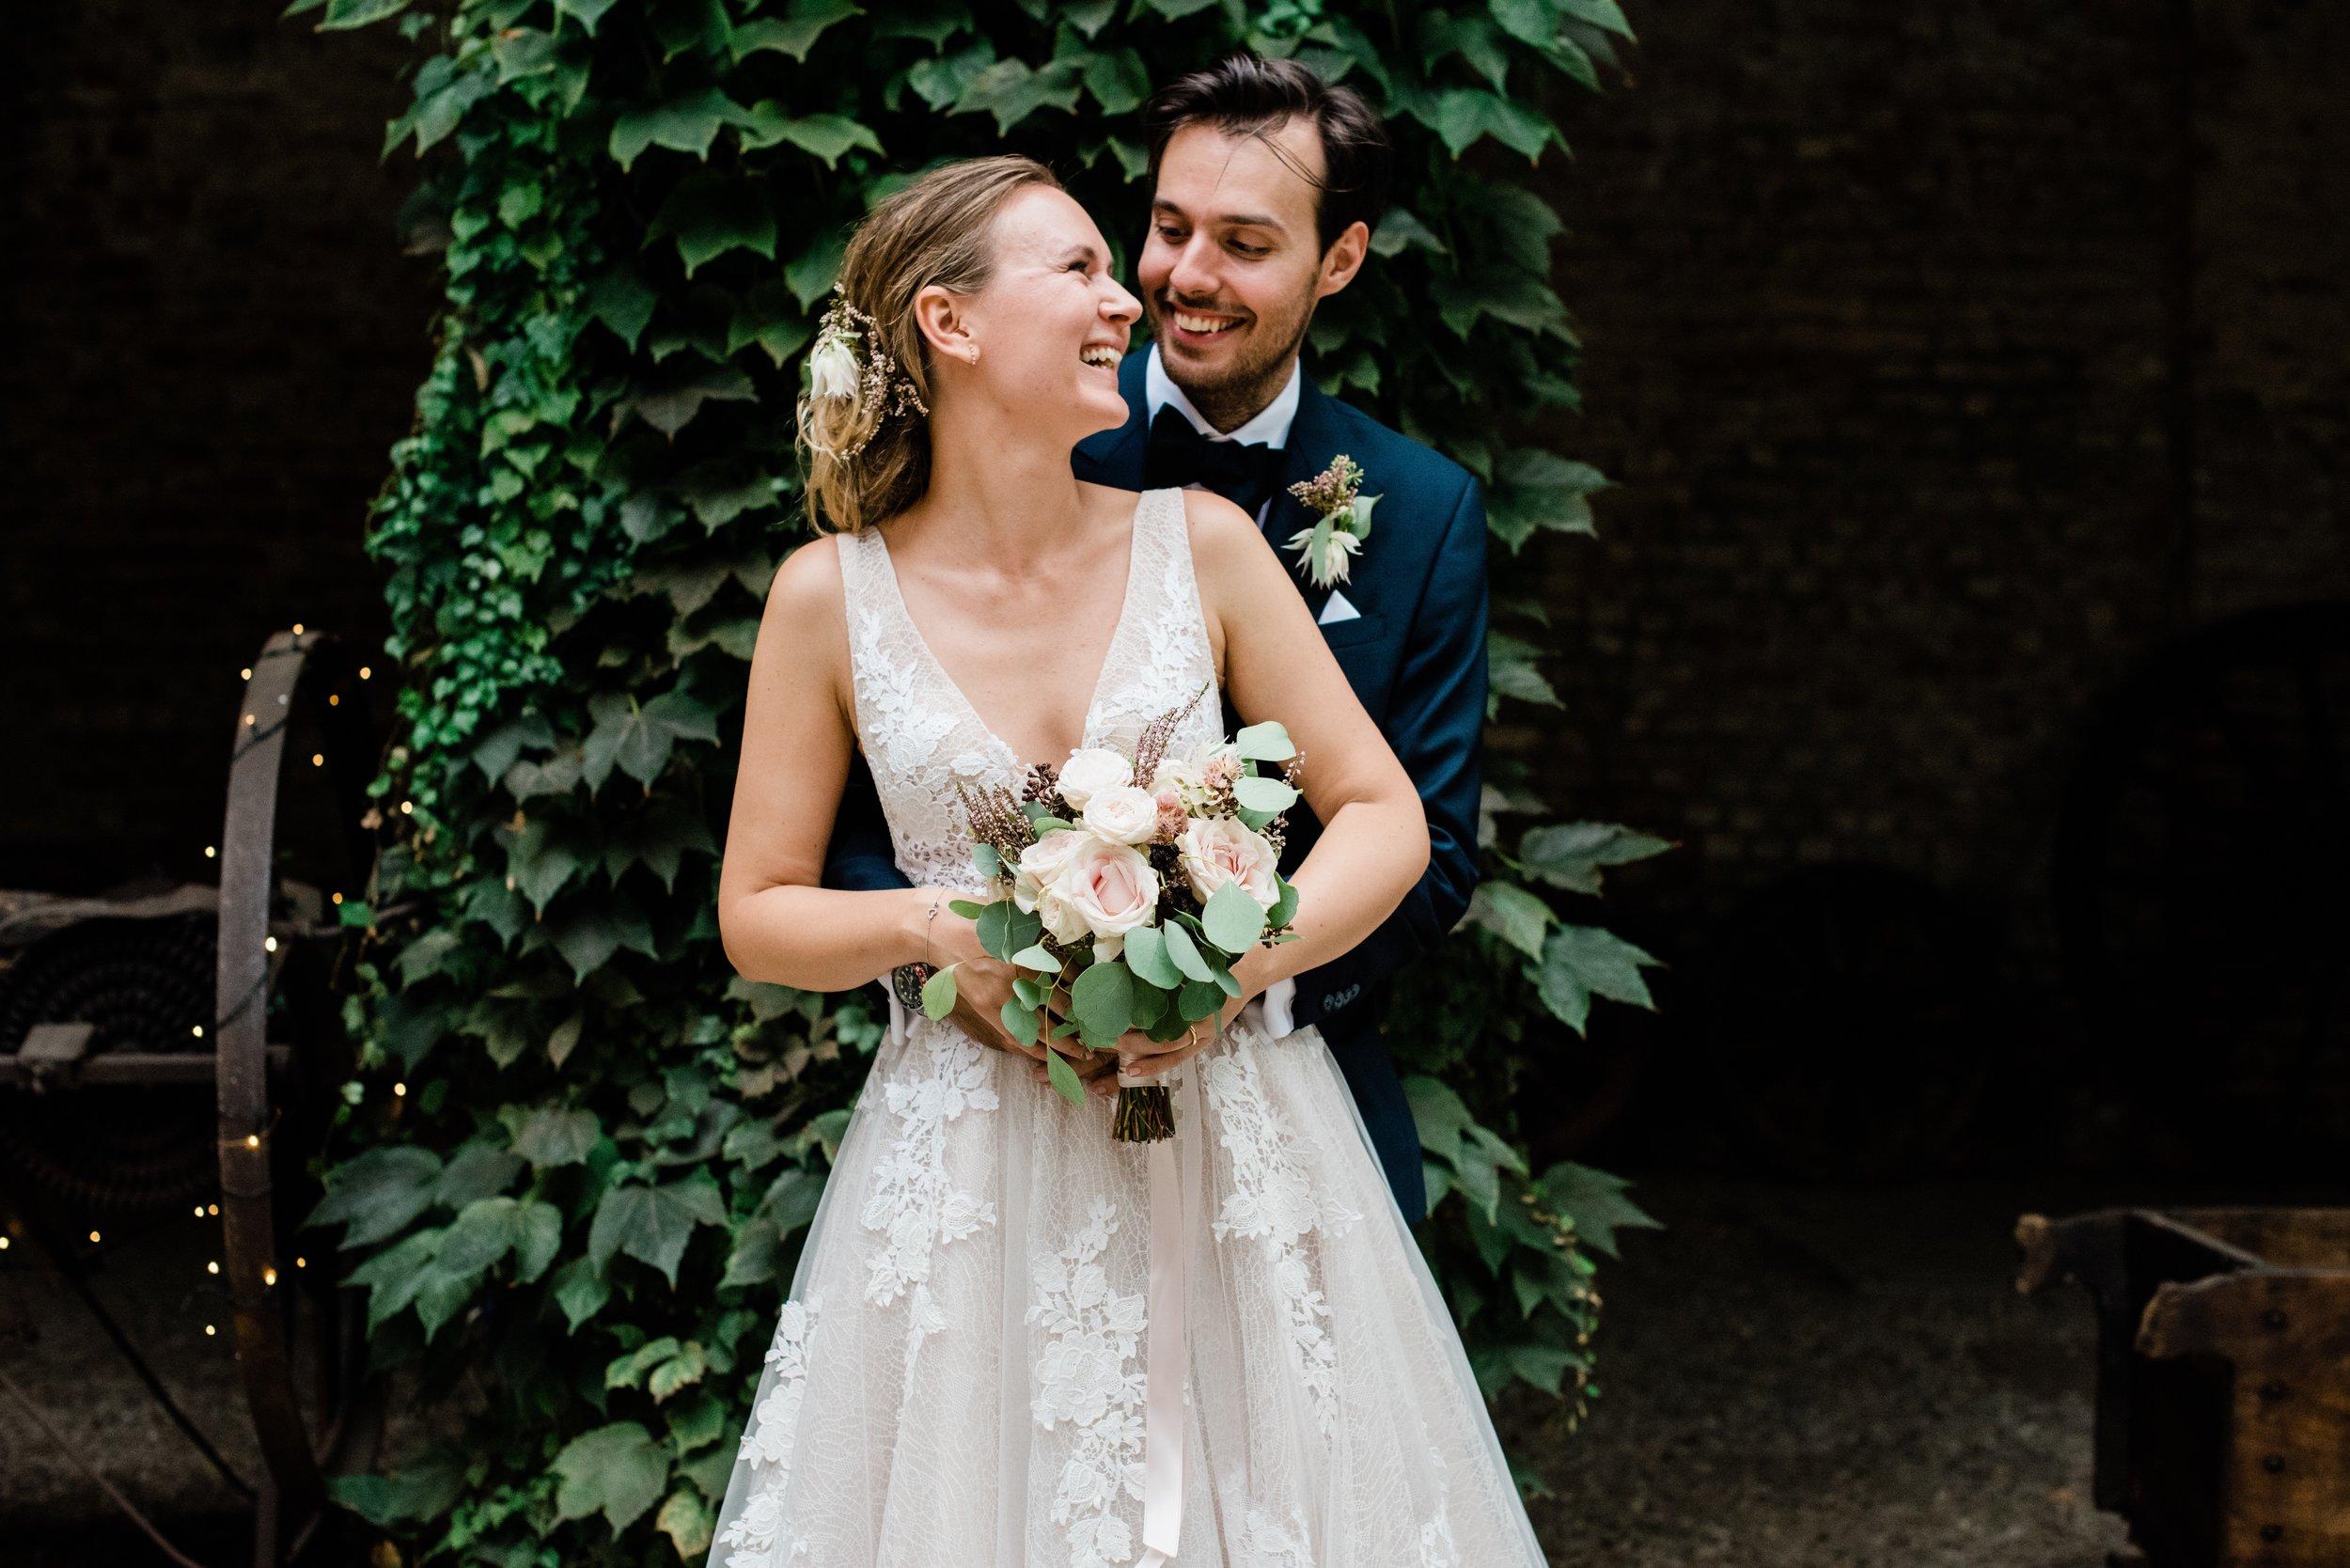 Gli sposi, Camilla e Massimiliano.